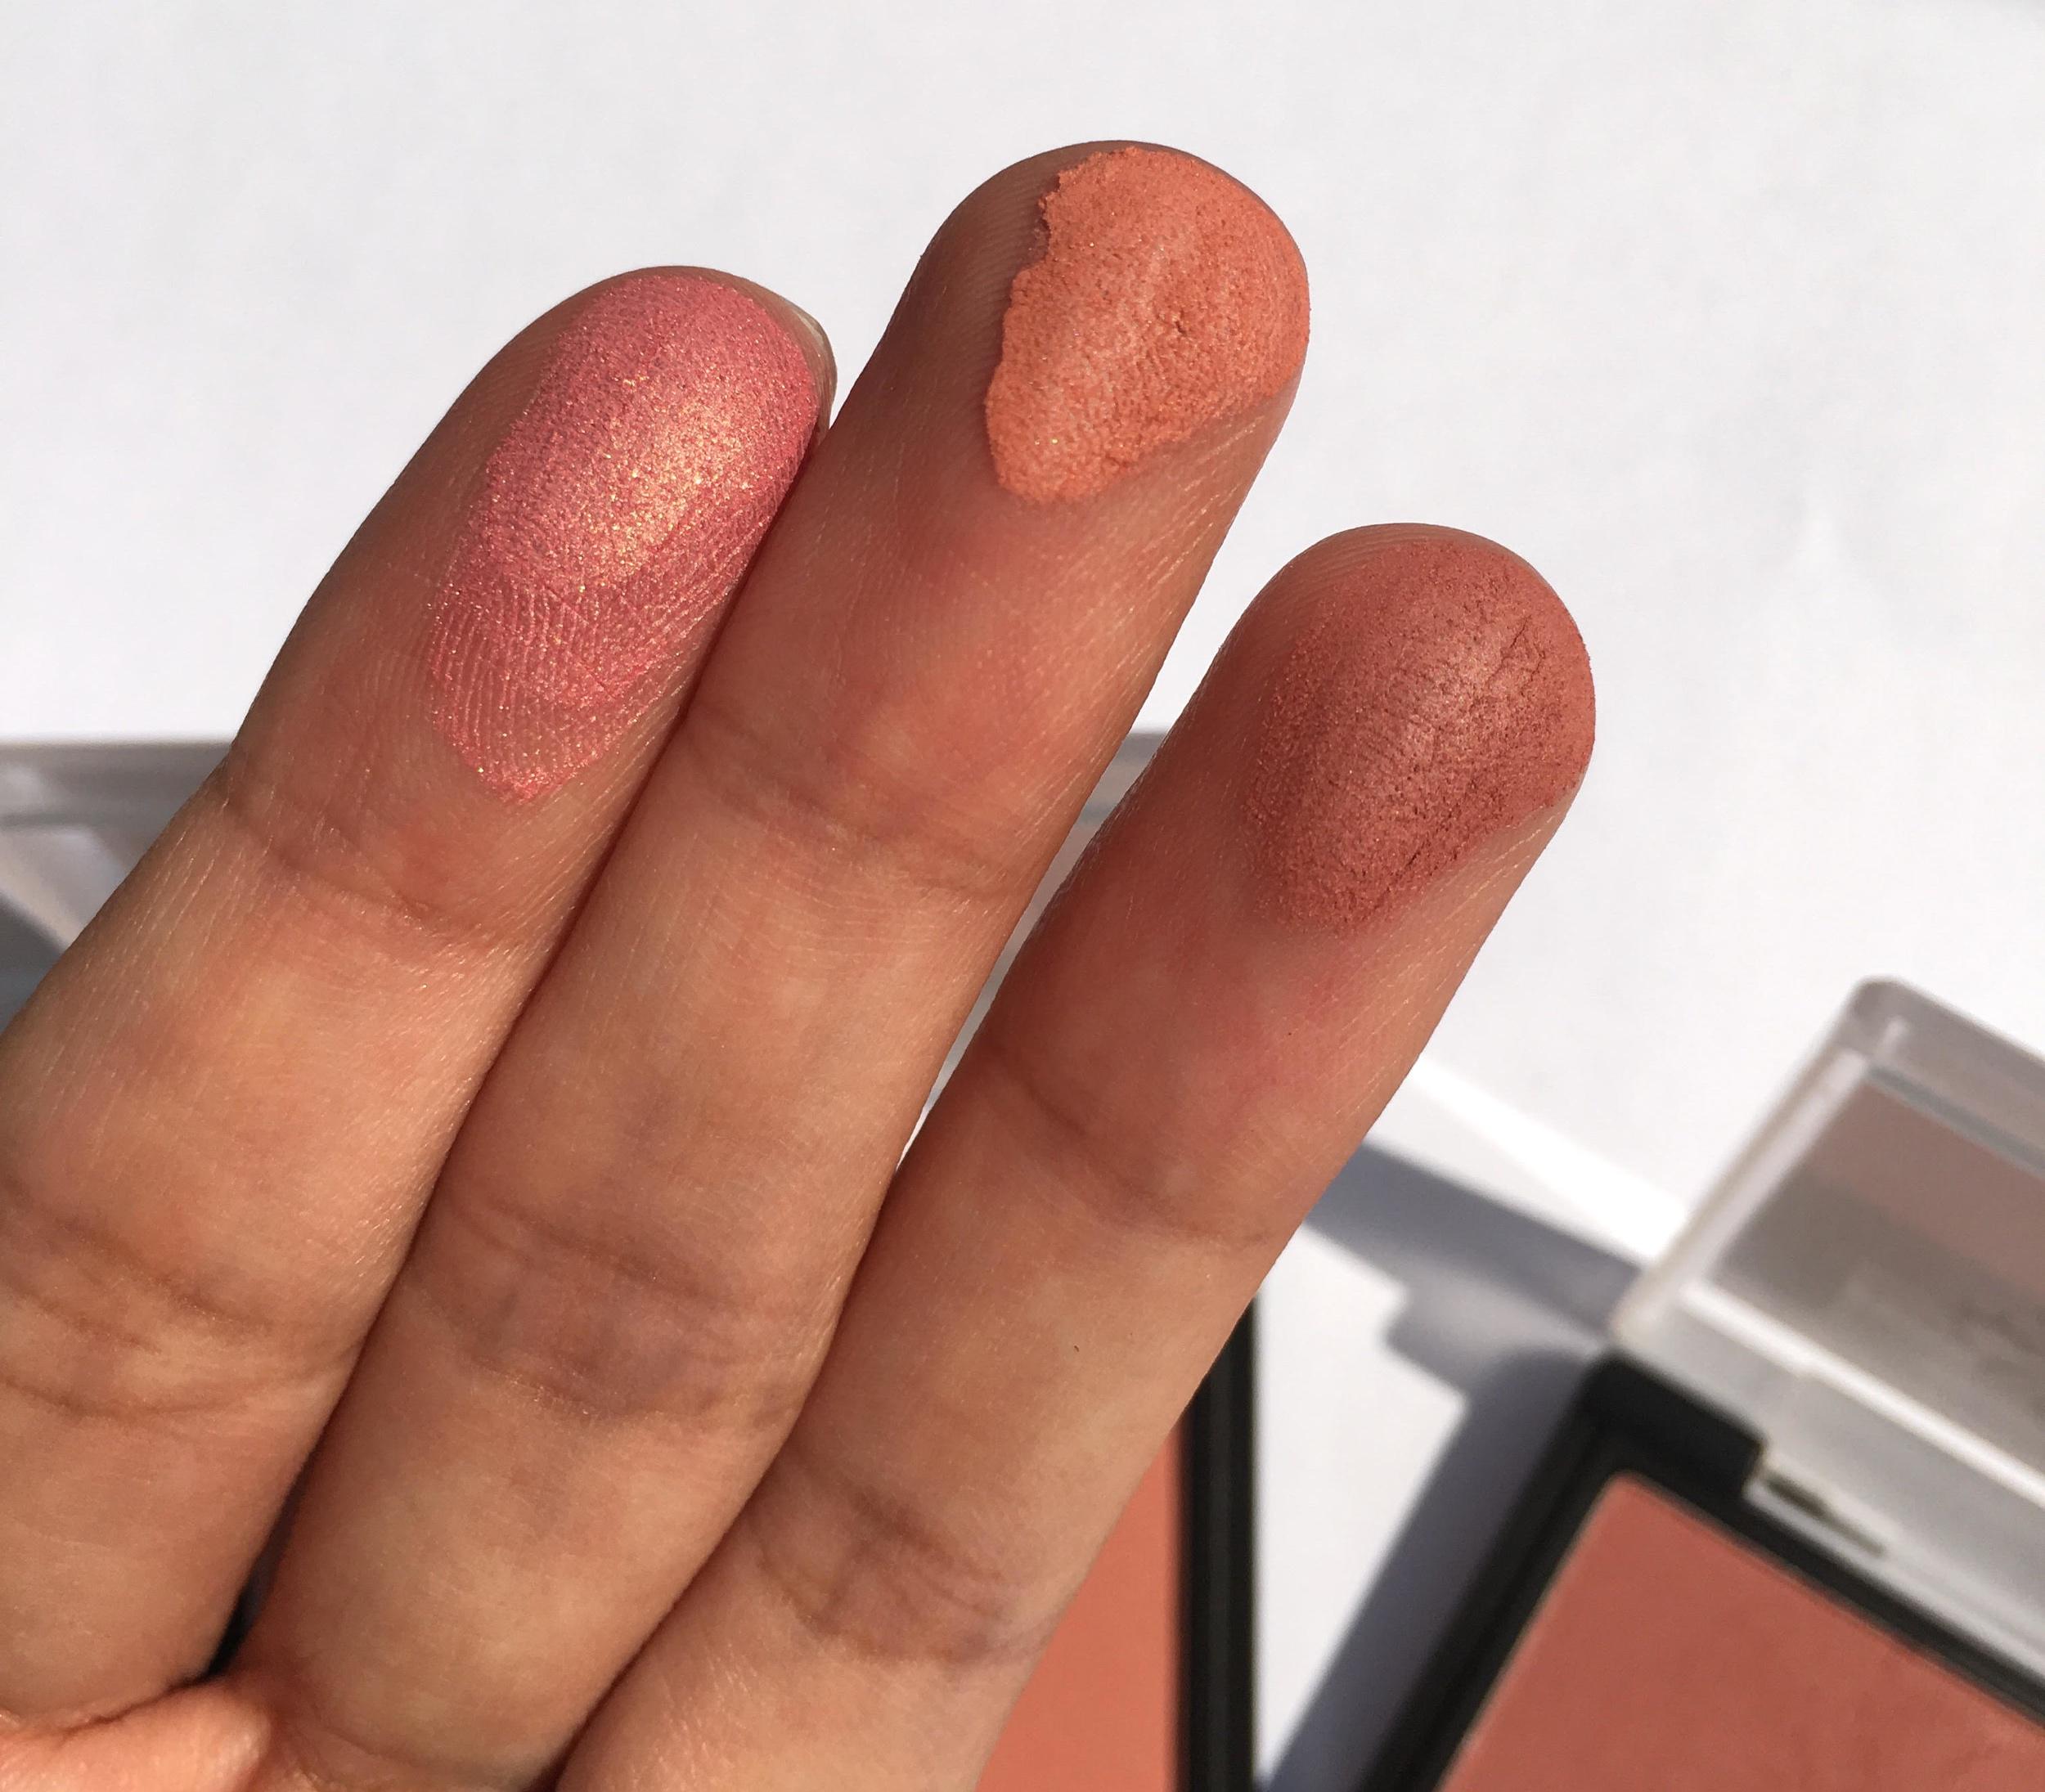 Shades L-R: Shimmer Pink, Satin Coral, Matte Rose